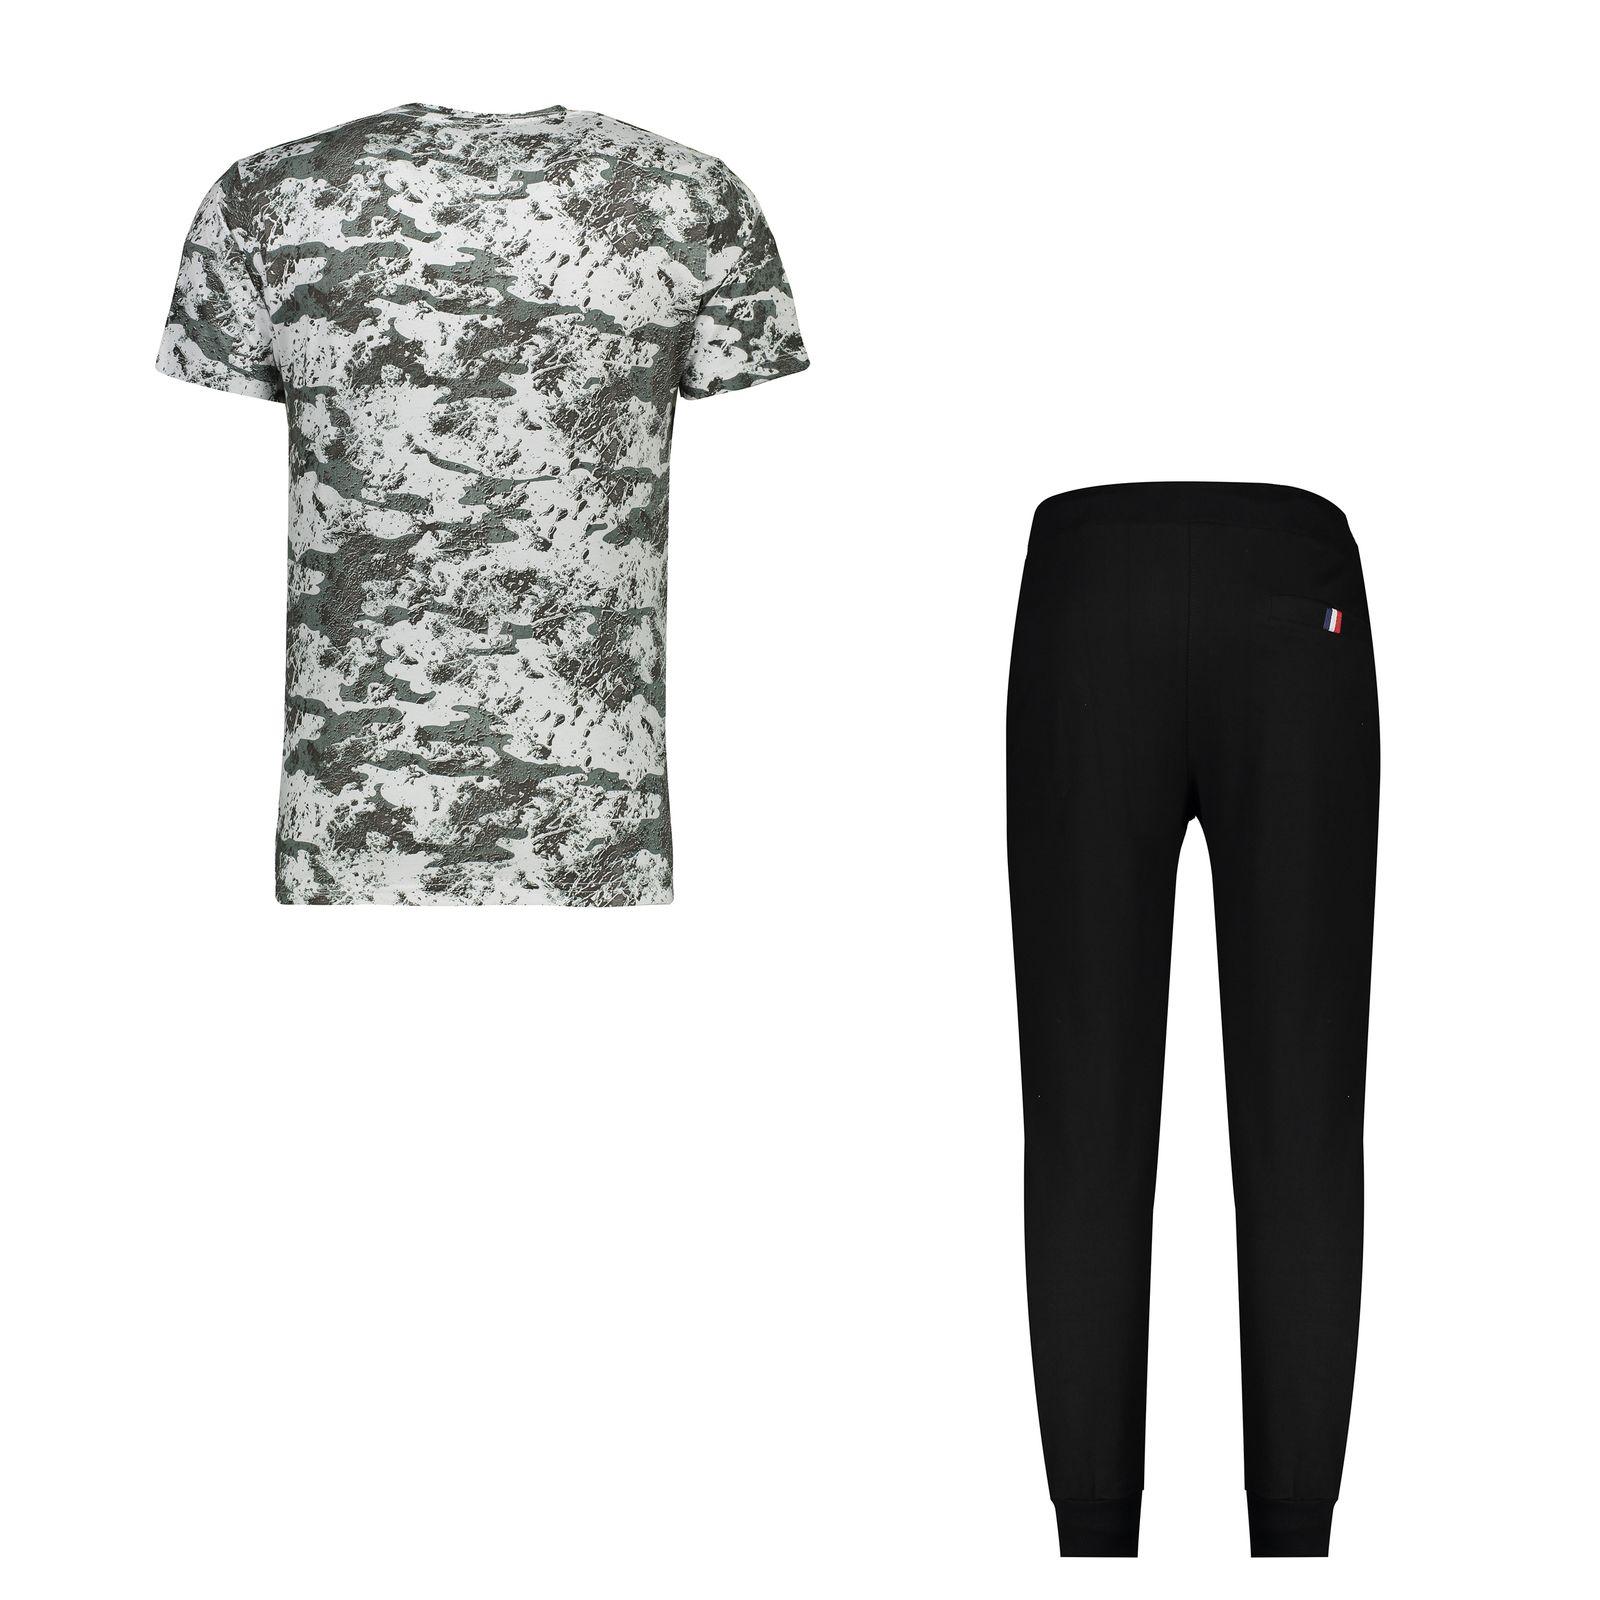 ست تی شرت و شلوار مردانه کد 111213-2 -  - 11